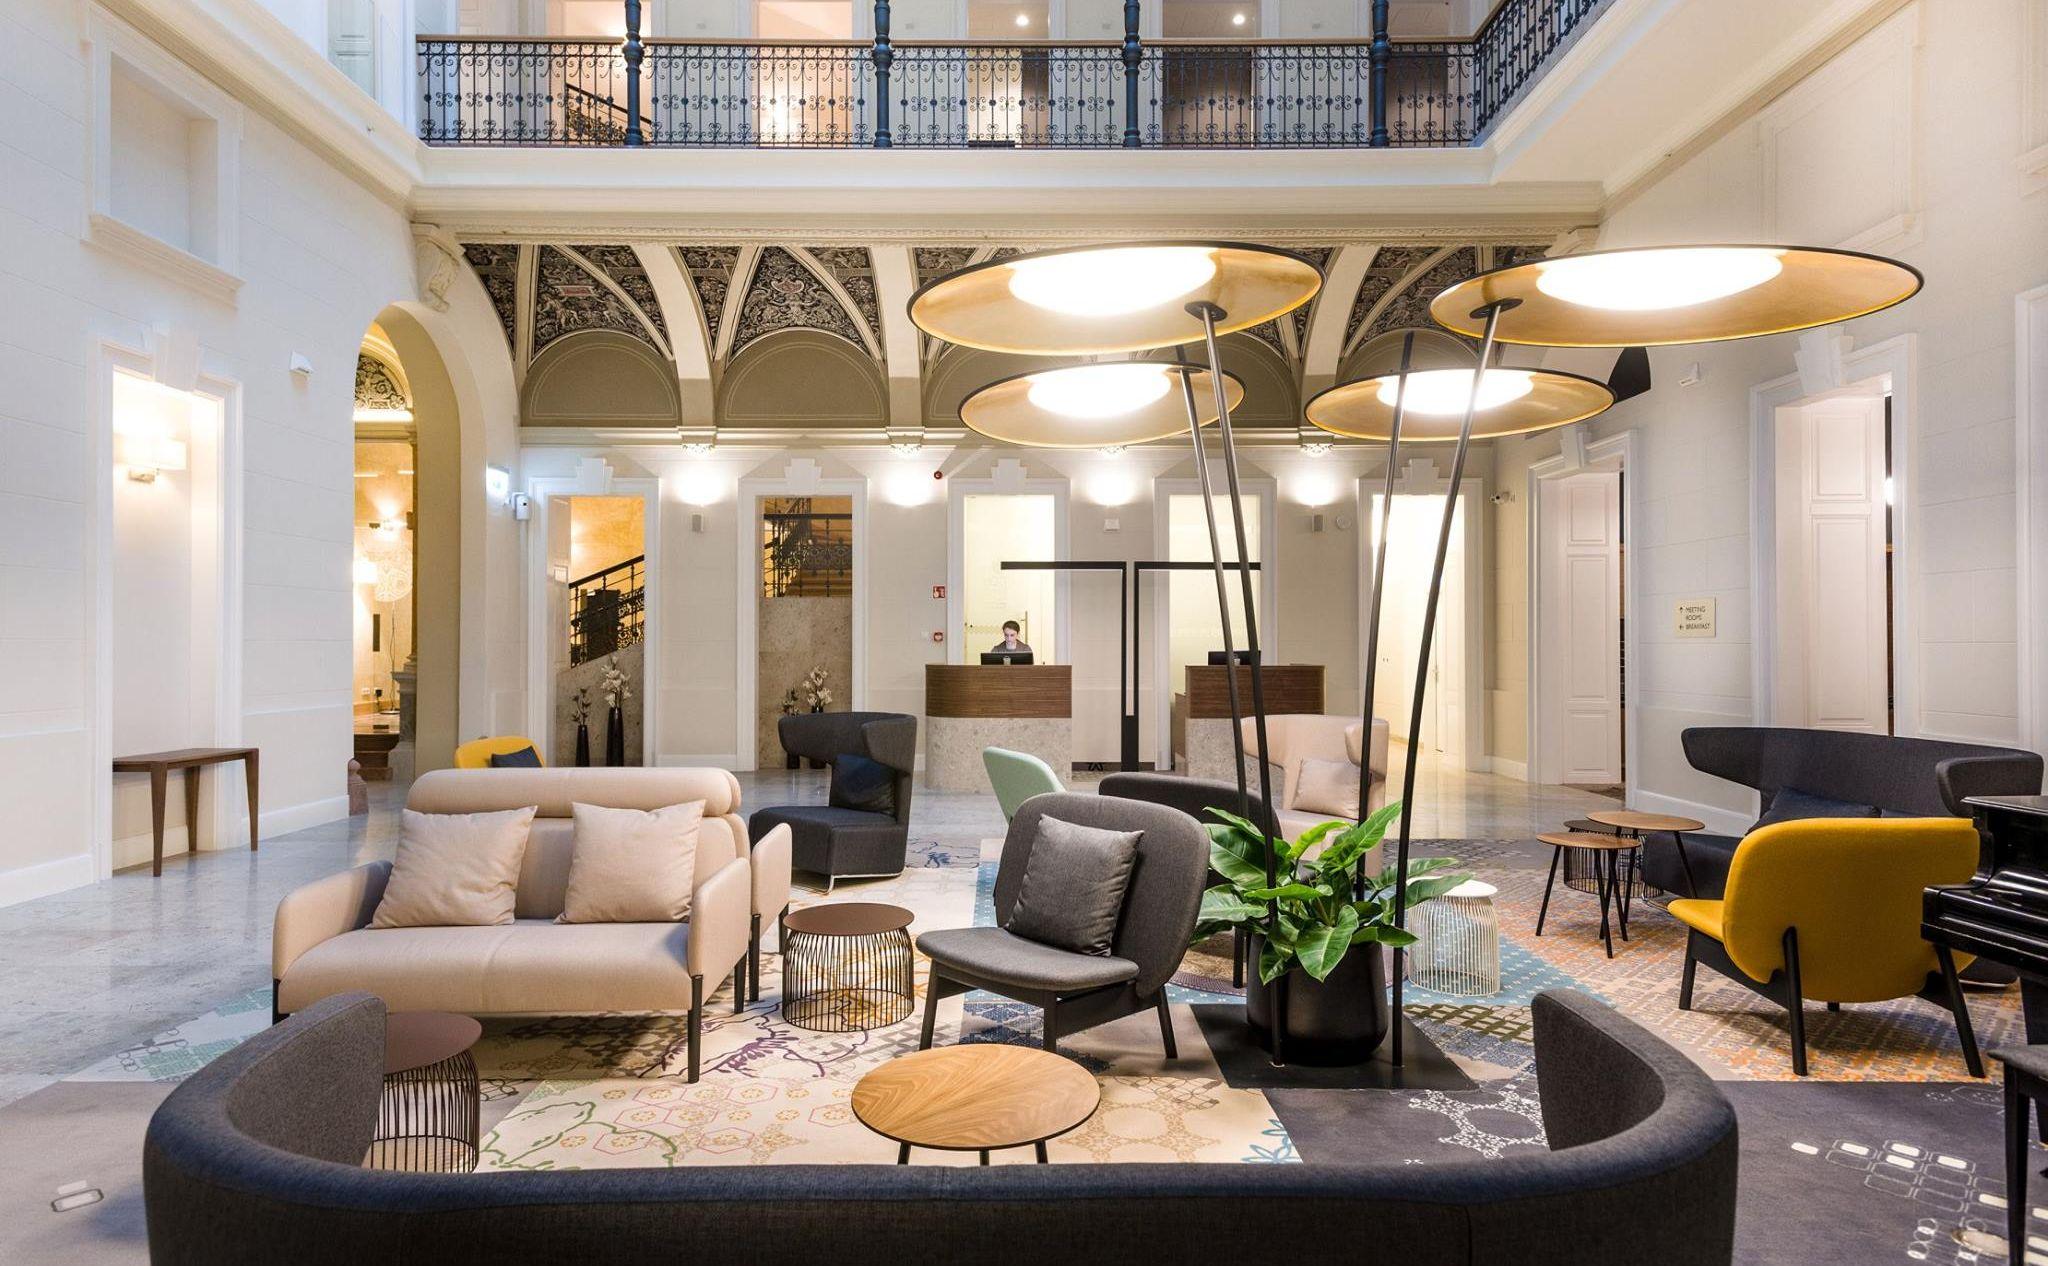 Hotel Moments Budapest מלונות בבודפשט 4 כוכבים מלון מומנטס הונגריה